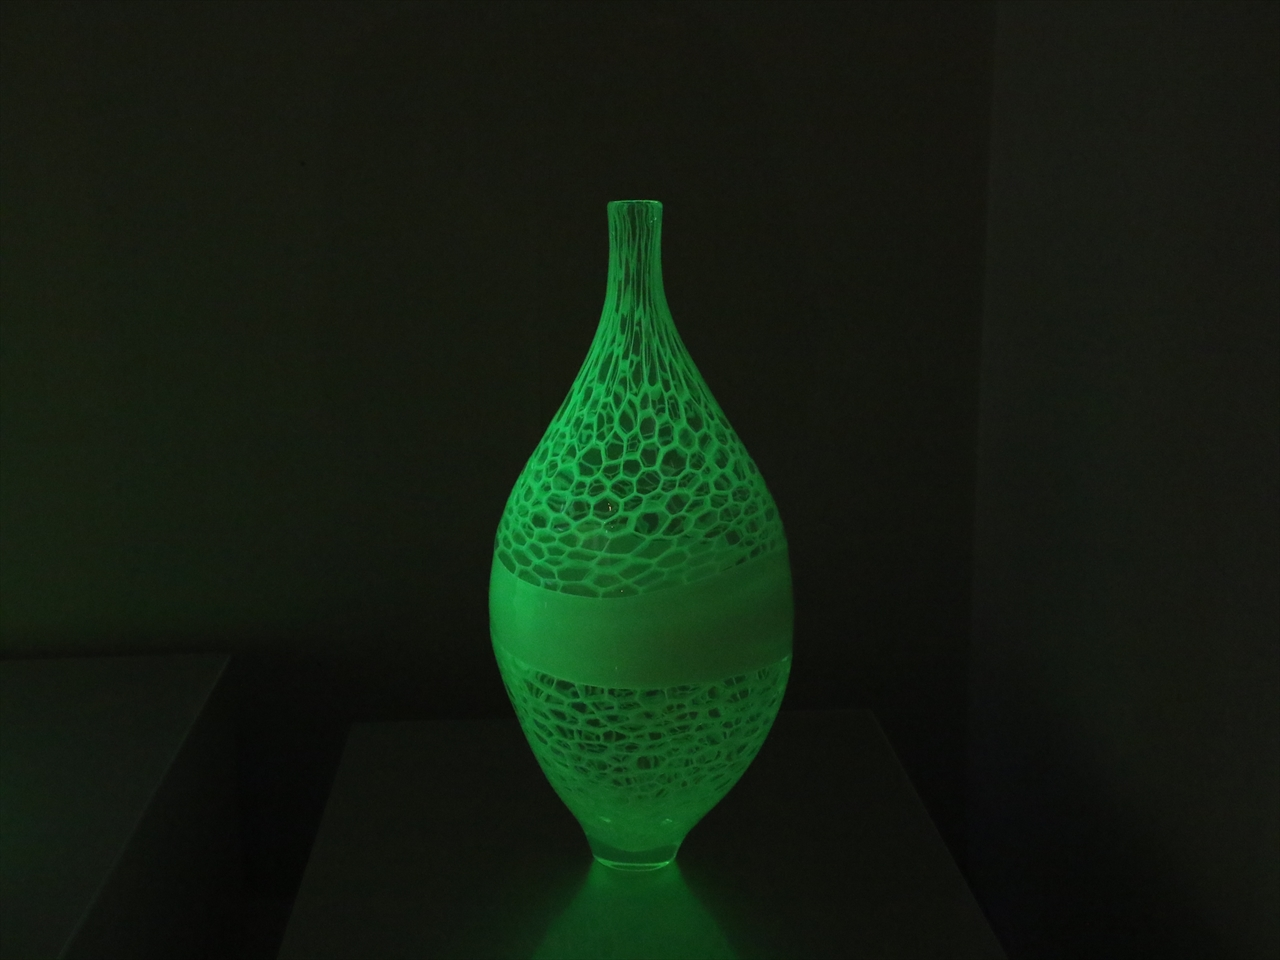 ウラングリーンは神秘的。岡山県鏡野町「妖精の森ガラス美術館」